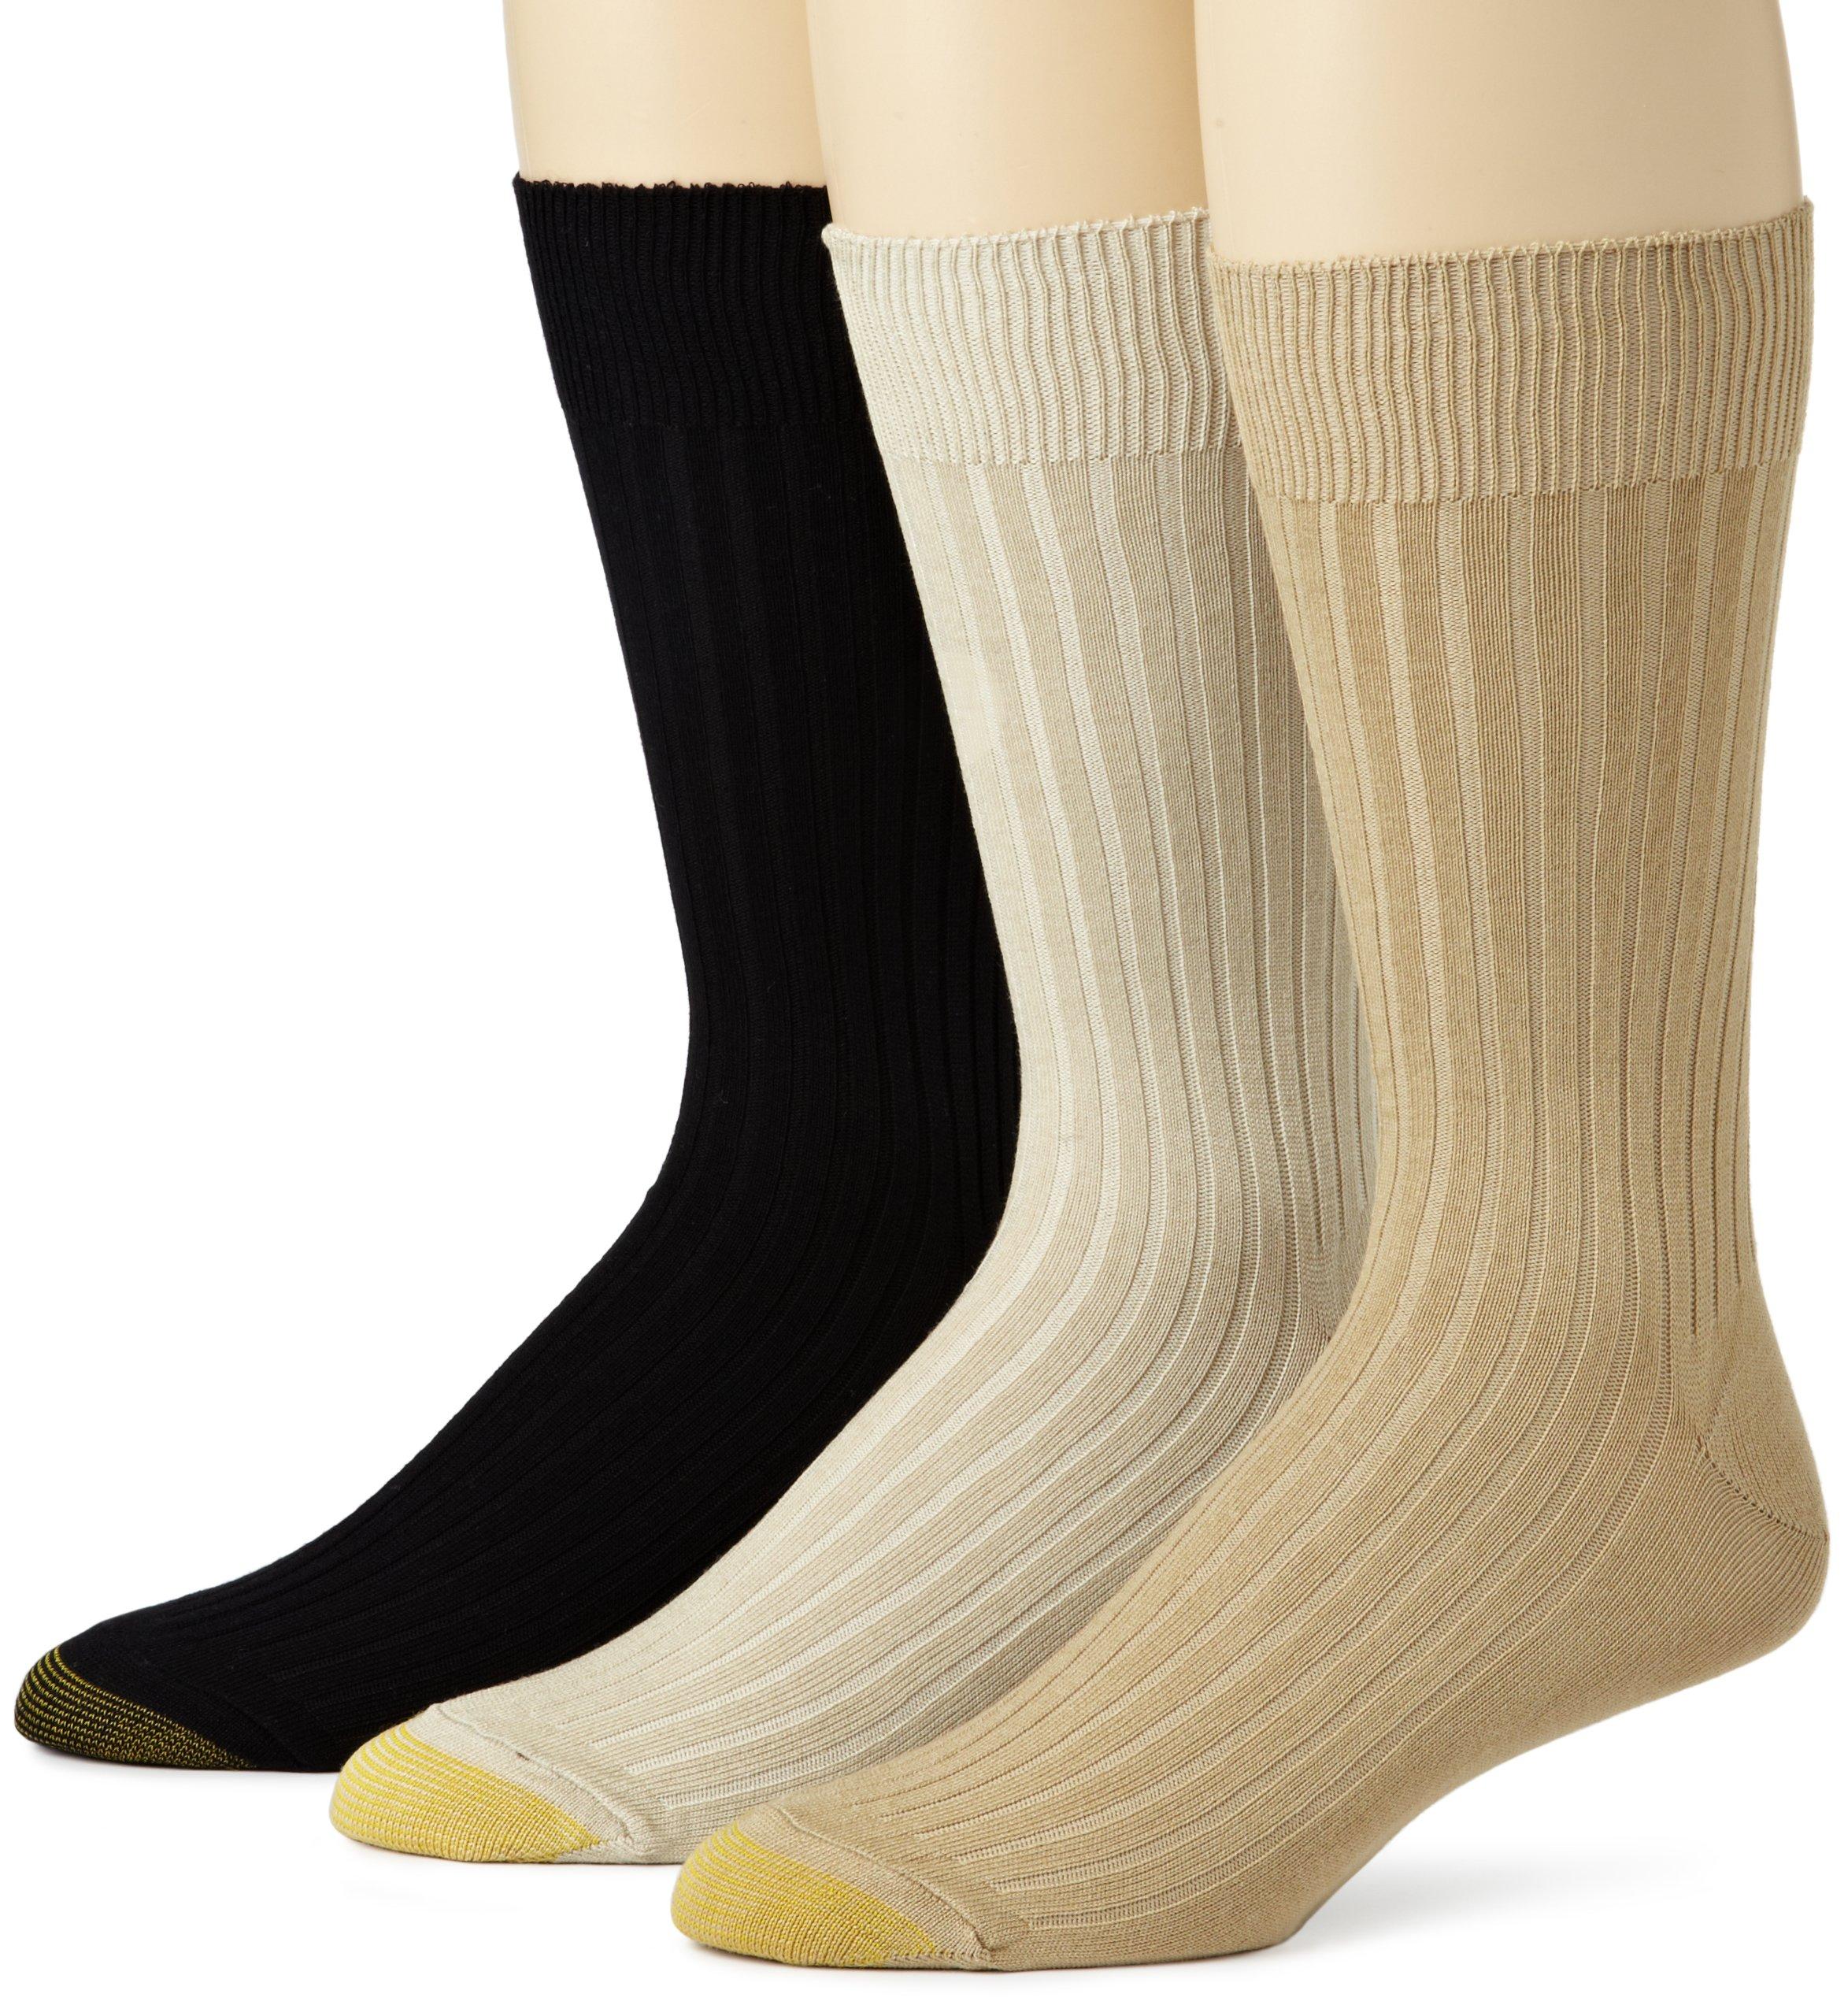 Gold Toe Men's 794S Canterbury 3 Pack Classic Dress Sock, Tan/Khaki/Black, Sock Size: 10-13/Shoe Size:9-11 (Shoe Size Sock Size: 10-13/Shoe Size:9-11.5)